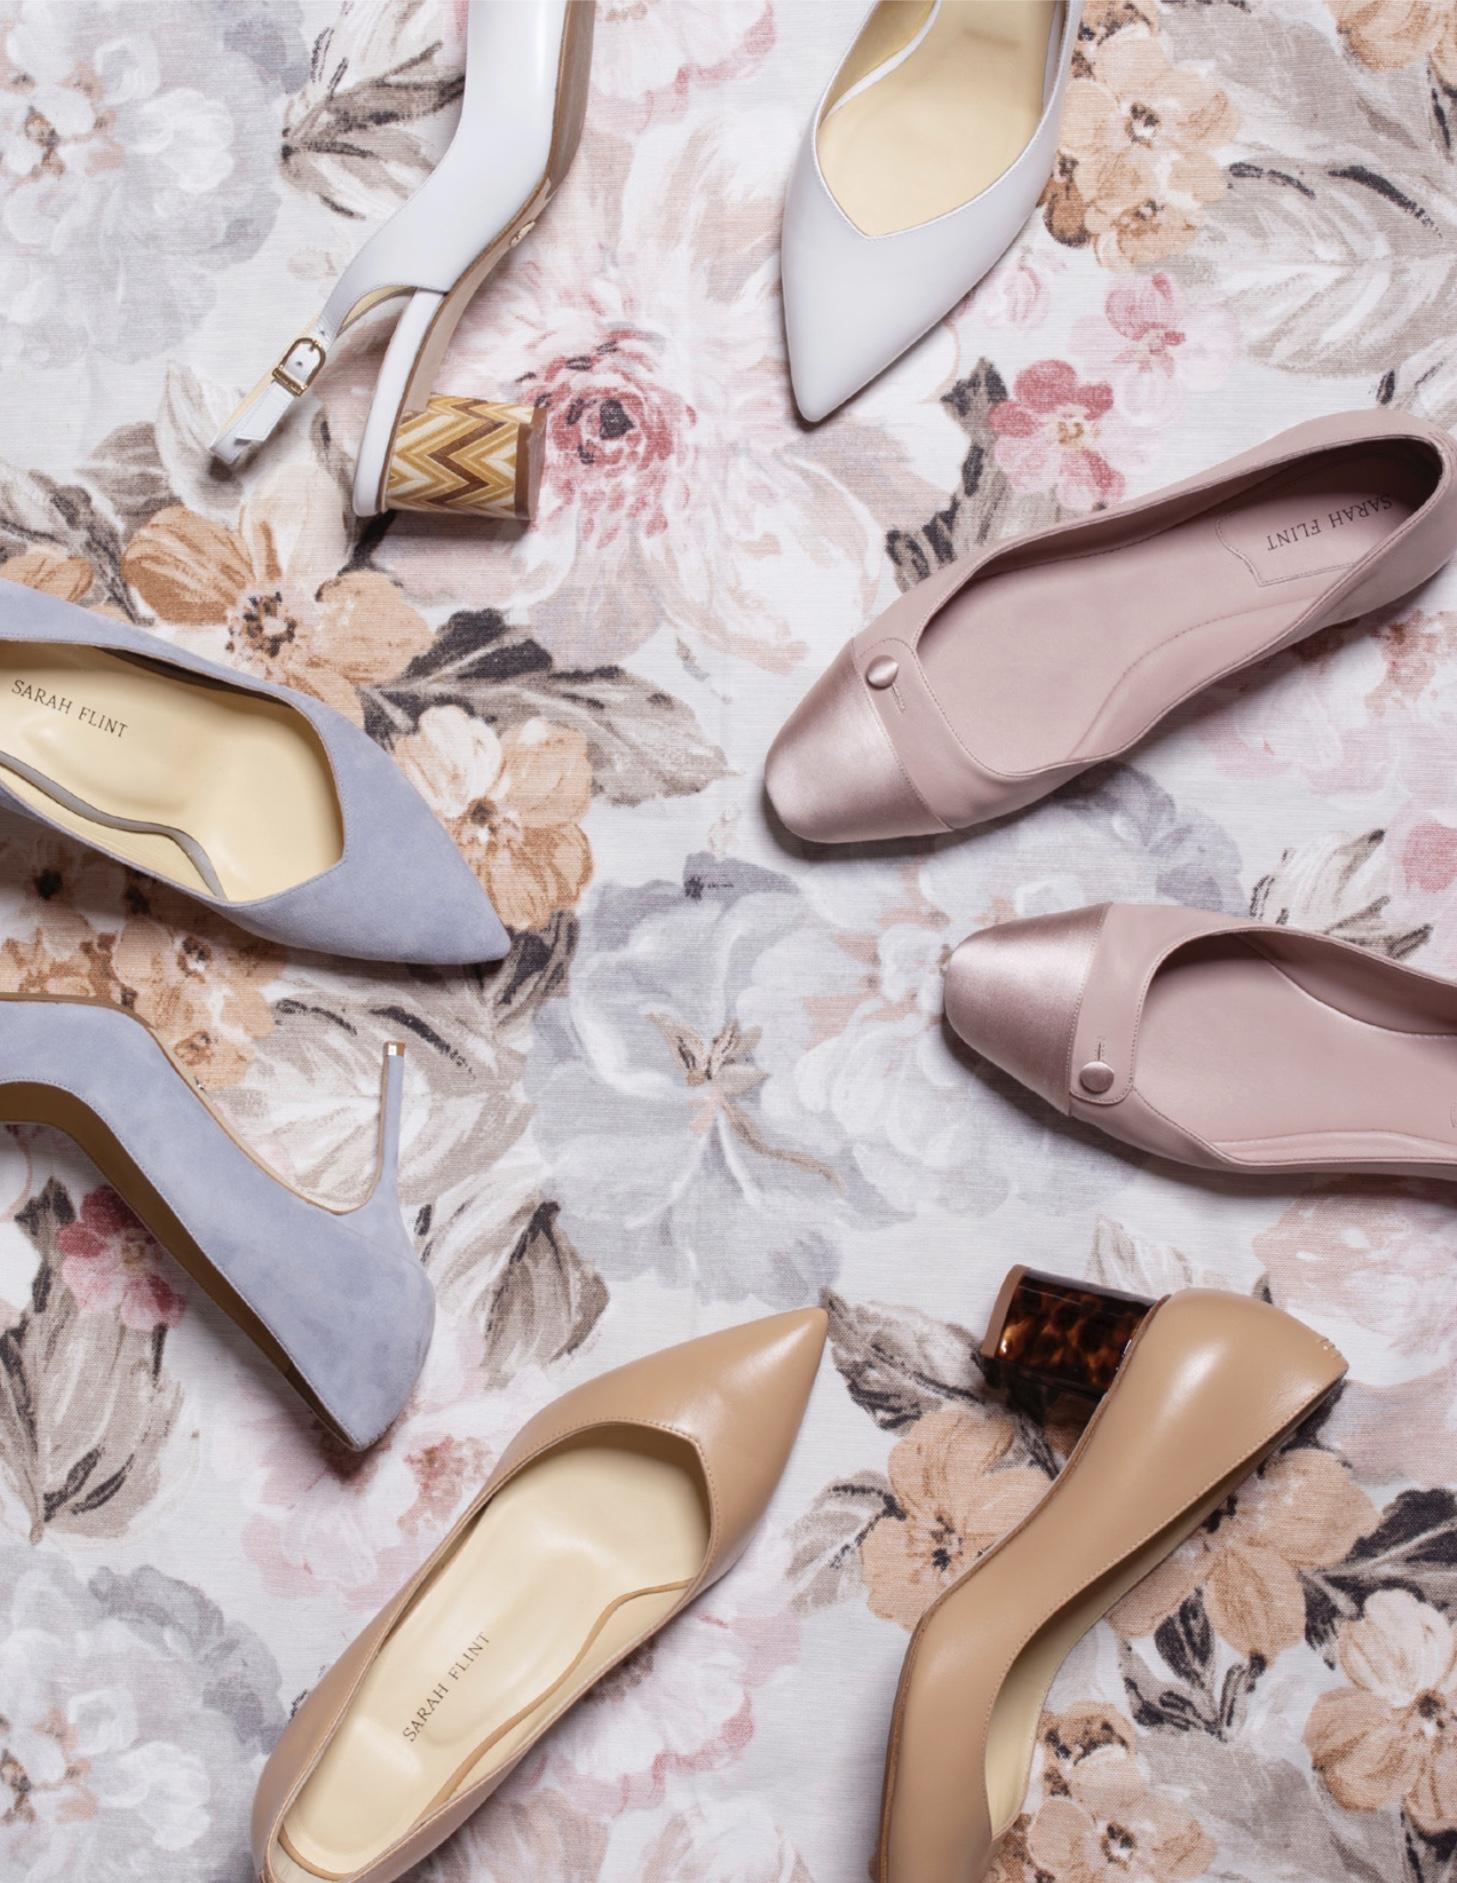 Sarah Flint Spring Shoes